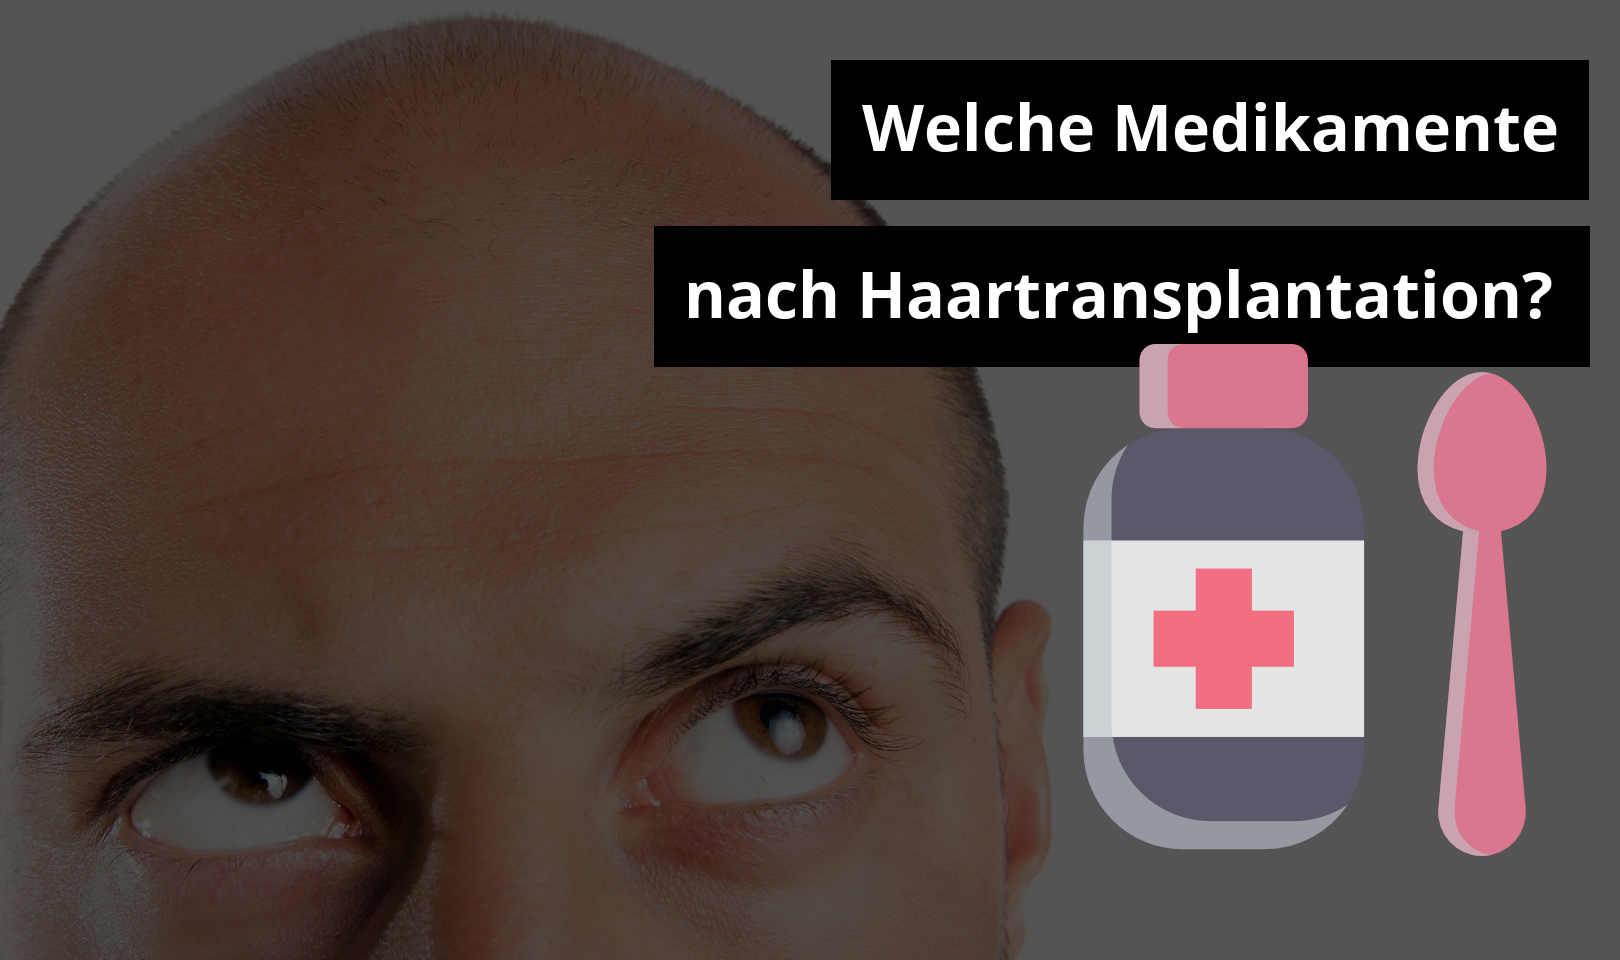 Welche Medikamente nach Haartransplantation?